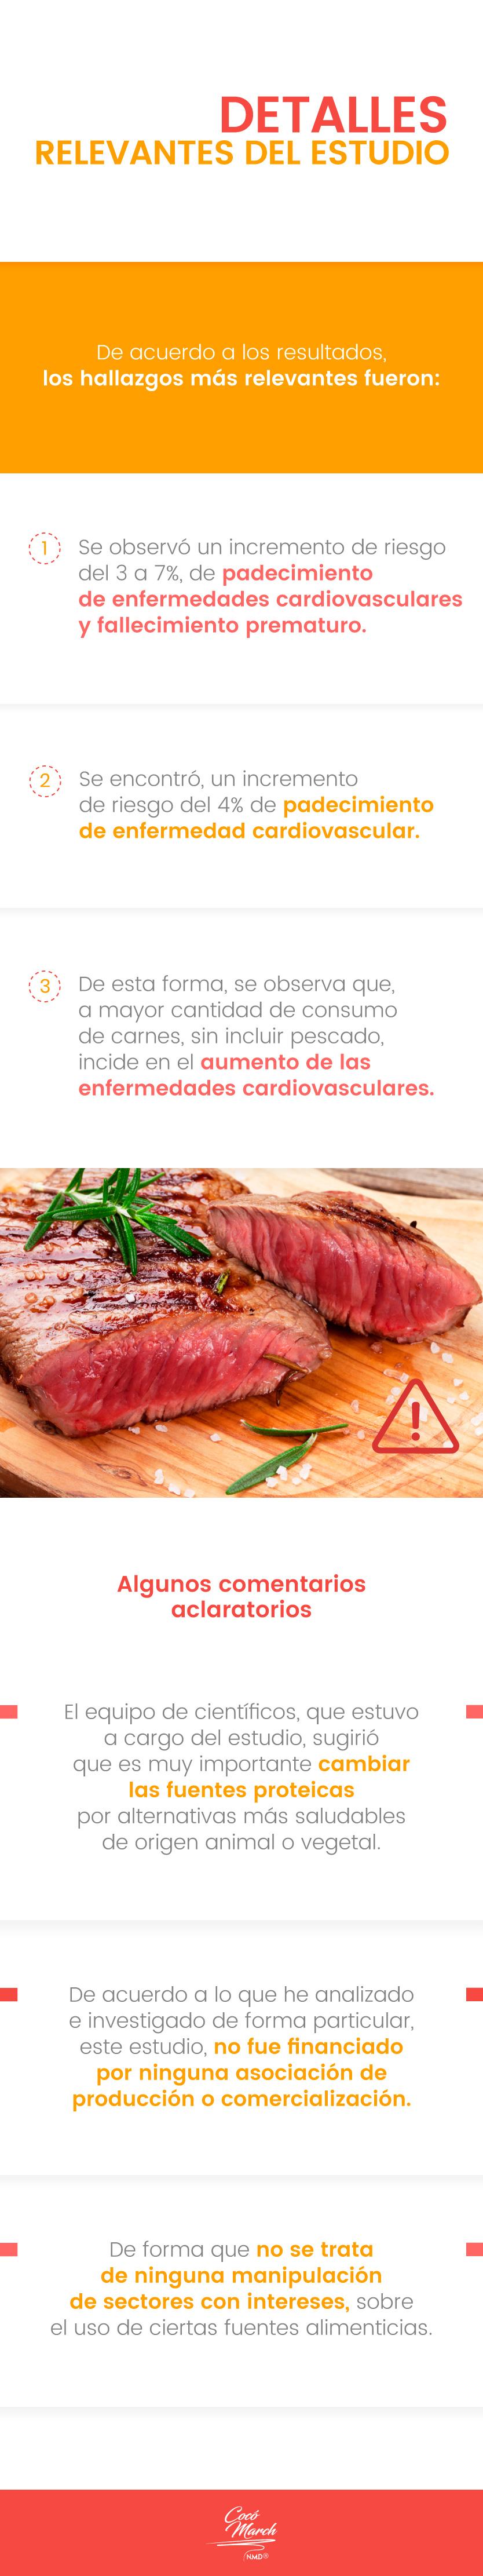 carne-roja-detalles-del-estudio